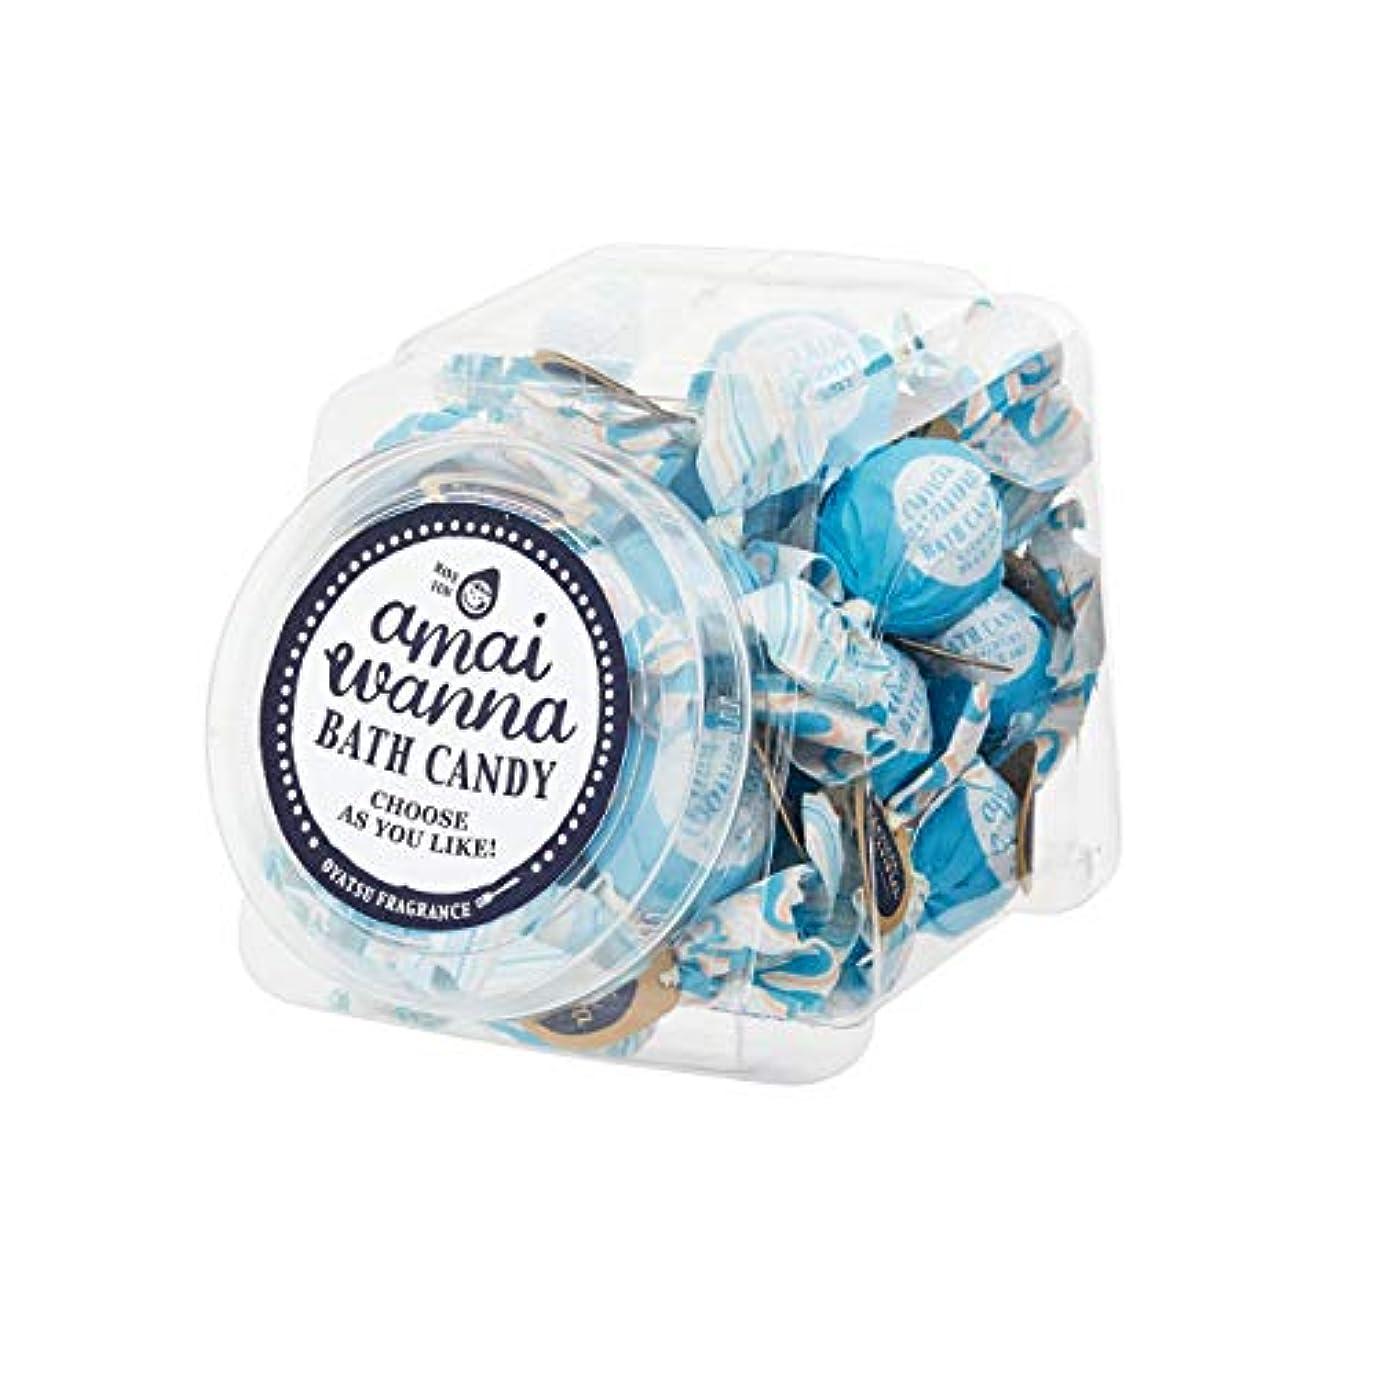 欠伸調整寝室を掃除するアマイワナSP バスキャンディーポットセット24粒入り(青空シトラス バスギフト キャンディーの形の入浴料 大人可愛い)